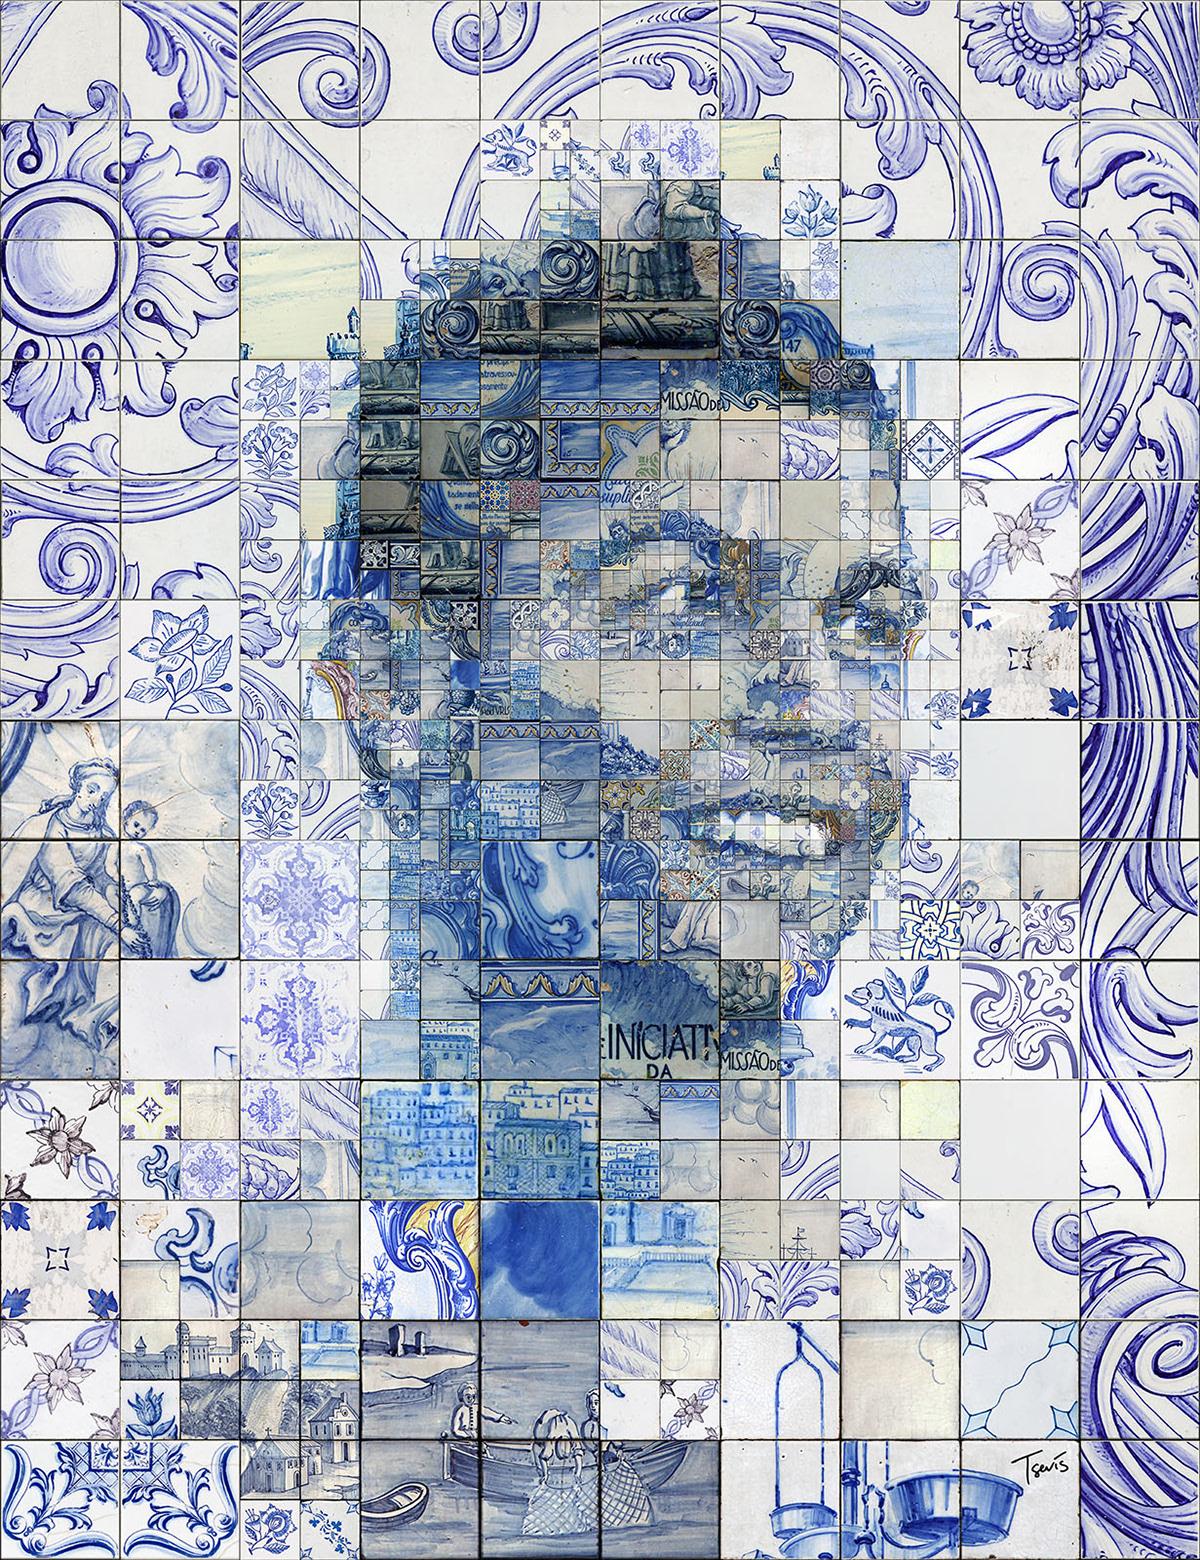 Charis tsevis cristiano ronaldo o orgulho de portugal Carrelage portugais